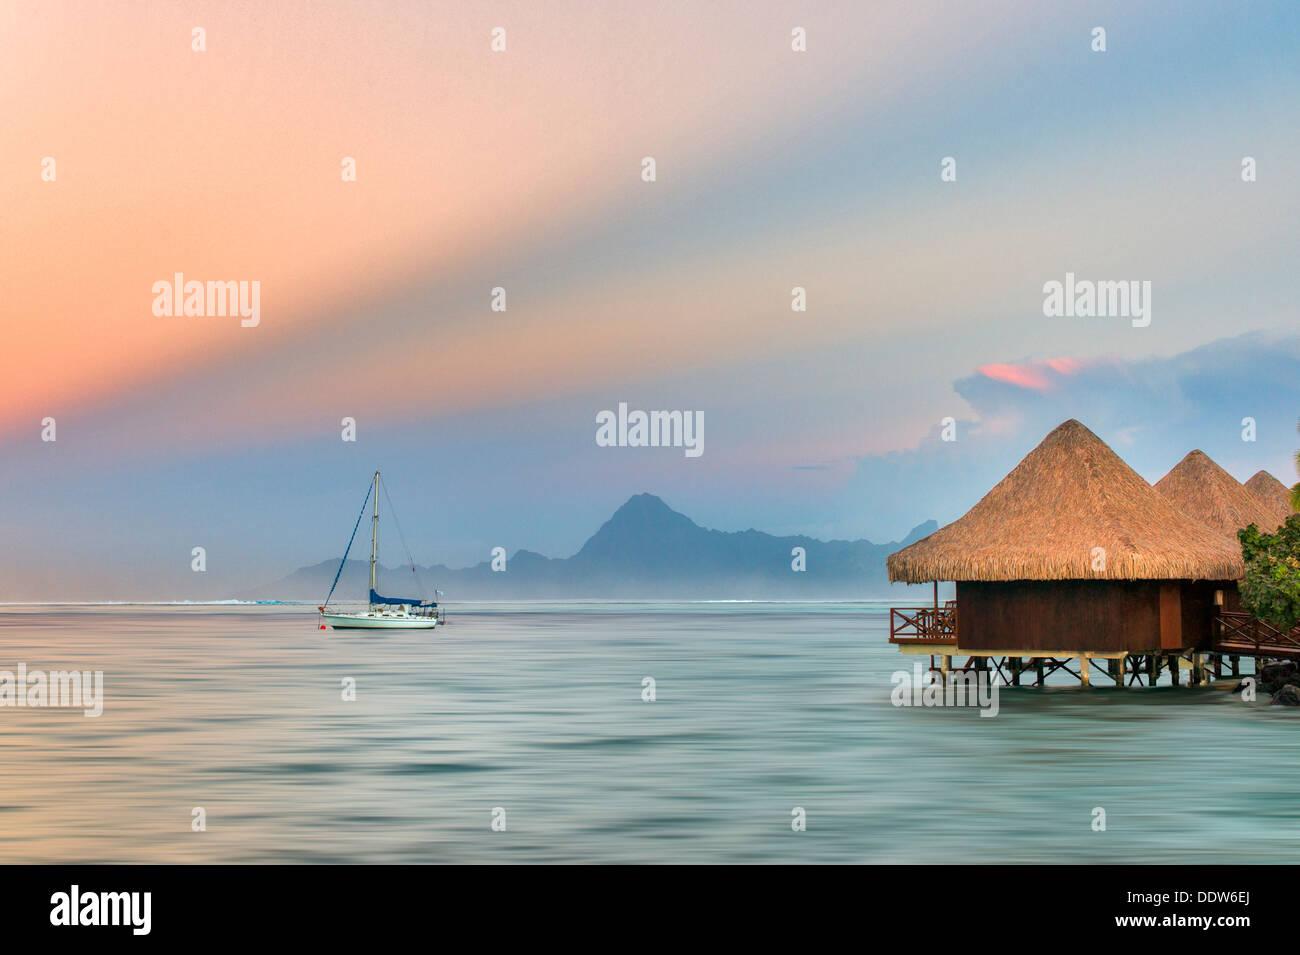 Die Bungalows über dem Wasser mit einem Segelboot und Sonnenaufgang und Moorea, Tahiti Stockbild